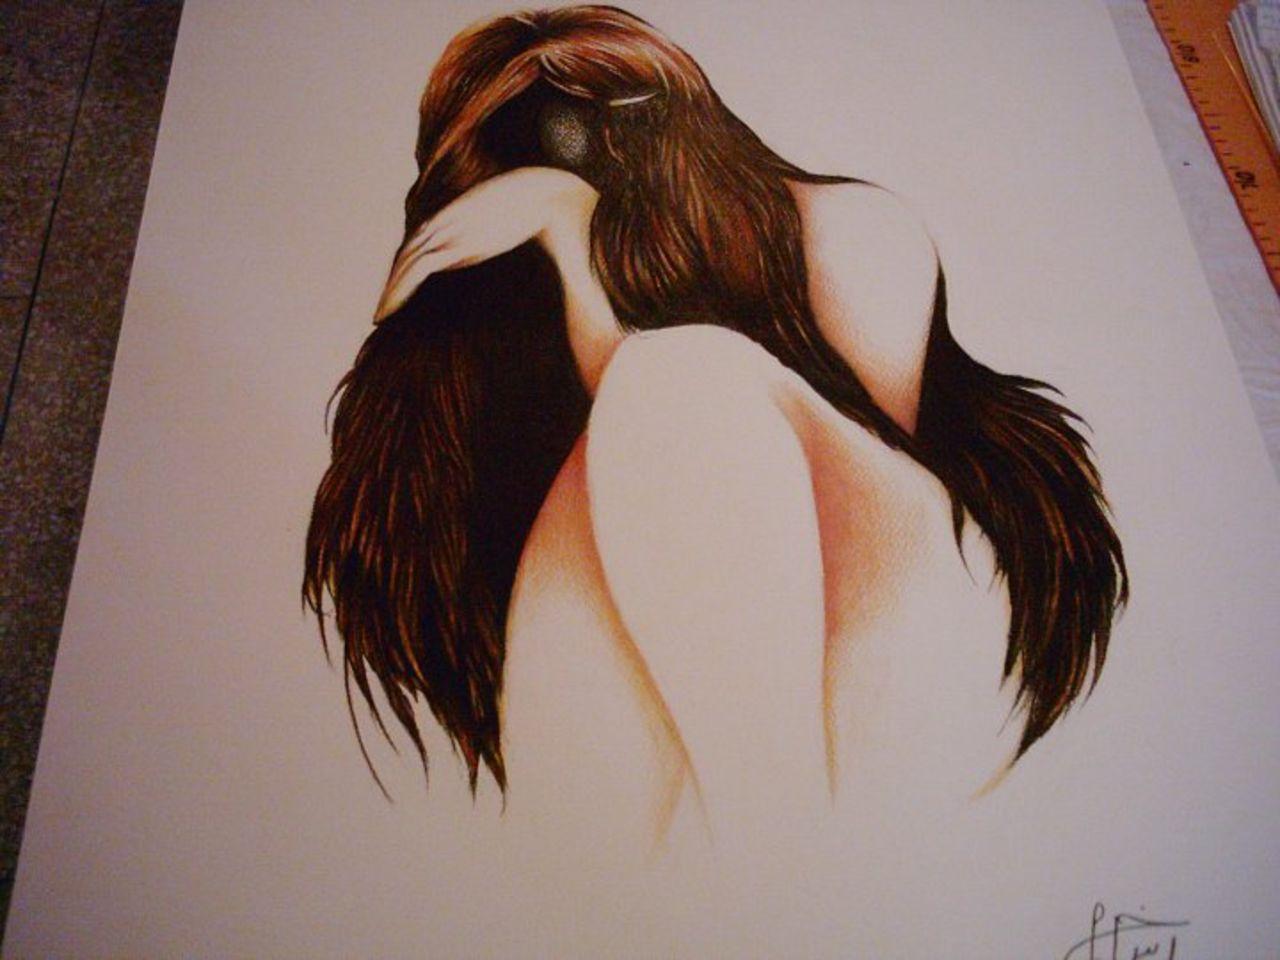 artiste peintre abdelhakim bahami 24679_106997375986596_100000290030758_182708_7469688_n